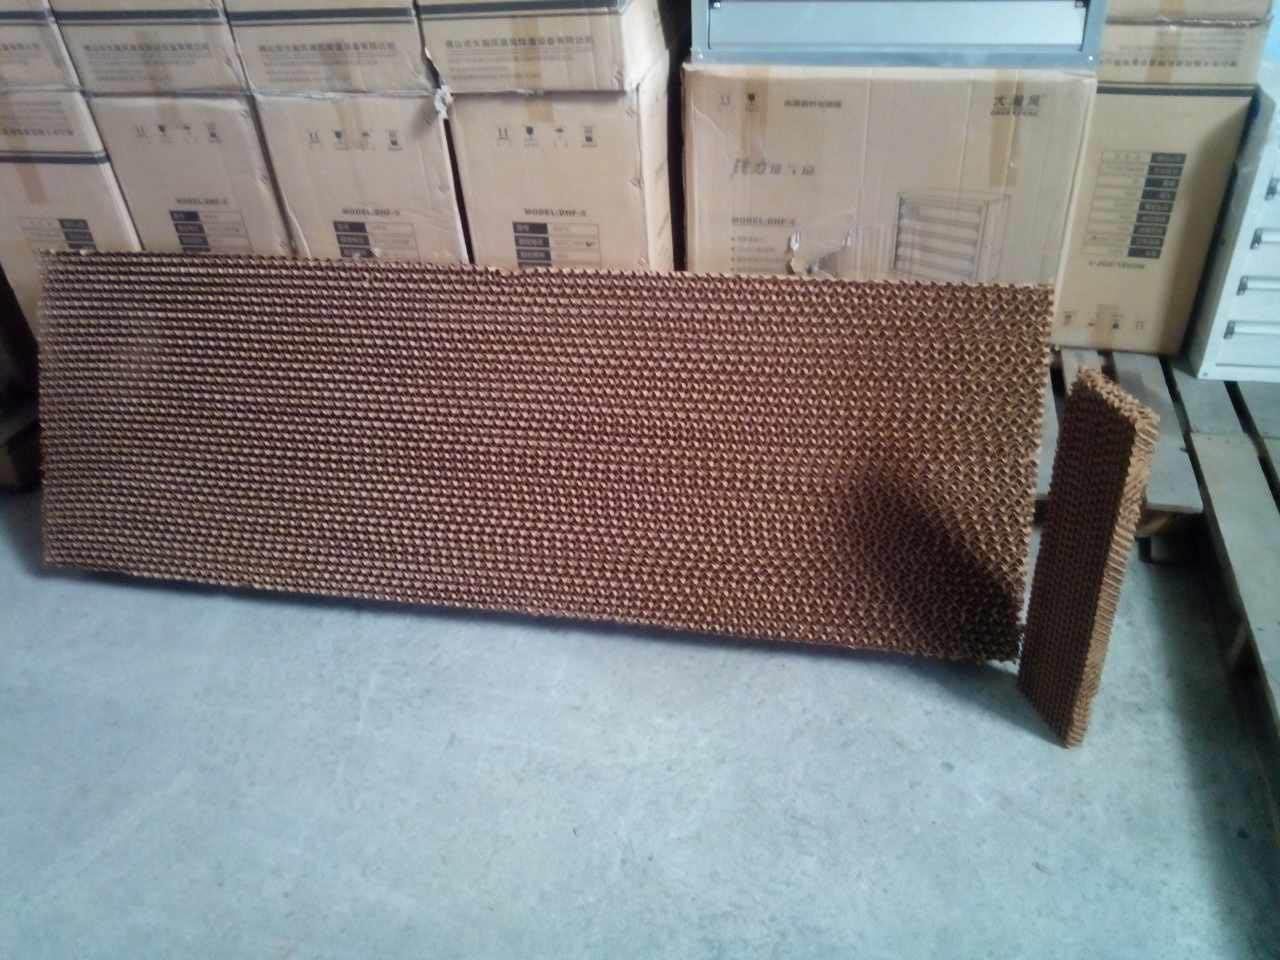 Tấm làm mát cùng máy điều hòa đều là giải pháp làm mát nhà xưởng được áp dụng, tuy nhiên so với sử dụng máy điều hòa nhiệt độ thì tấm làm mát được xem là giải pháp làm mát nhà xưởng được ưa chuộng hơn hẳn, mang lại nhiều lợi ích thực tế cho cả người lao động lẫn nhà đầu tư. 1., Tấm làm mát giúp tiết kiệm điện năng Thông thường ở trong cùng một điều kiện nhiệt độ, việc sử dụng tấm làm mát để làm mát nhà xưởng thường được lựa chọn và ưa chuộng sử dụng hơn hẳn, không chỉ giúp làm mát được lượng không khí lớn trong nhà xưởng mà còn giúp làm sạch không khí và tiết kiệm điện năng tối ưu. Đặc biệt trong điều kiện nguồn năng lượng điện năng ngày càng cạn kiệt như hiện tại, trái đất cũng ngày càng nóng lên nên đòi hỏi các nhà xưởng, khu trưng bày hay gian hàng, nhà ăn, khu vui chơi giải trí…. Đều cần bố trí hệ thống làm mát bằng tấm làm mát để tiết kiệm điện năng hơn hẳn, chưa kể tấm làm mát còn sử dụng được ở không gian lớn, không gian mở nên tính ứng dụng cũng lớn hơn nhiều so với máy điều hòa. Nhu cầu cần thiết khi lắp đặt hệ thống làm mát cũng đòi hỏi quản lý nhà xưởng phải đặt ra bài toán tiết kiệm điện năng để đảm bảo tiết kiệm nguồn năng lượng điện năng tiêu thụ tối ưu nhất, từ đó đảm bảo đạt được hiệu quả làm mát tối đa, lúc này việc chọn dùng tấm làm mát được xem là giải pháp khôn ngoan cho các nhà đầu tư. 2. Tấm làm mát đảm bảo môi trường làm việc tươi mới và trong lành Khác với máy điều hòa nhiệt độ có thể làm mát không gian kín hiệu quả nhưng lại khô và thiếu sự cân bằng độ ẩm, việc sử dụng tấm làm mát để làm mát không gian được xem là tiện ích hơn nhiều. Tấm làm mát có thể sử dụng được ở môi trường thông thoáng bên ngoài, với ống dẫn vào vị trí làm việc của người lao động, và ở những vị trí này lượng gió làm mát sẽ tràn vào và cung cấp cho người lao động nguồn không khí thiên nhiên giàu oxy, bảo vệ sức khỏe người lao động và giữ cho môi  trường làm việc luôn trong lành, tươi mới. 3. Tấm làm mát luôn đảm bảo công suất làm mát Khác với máy điều hòa nhiệt độ thường